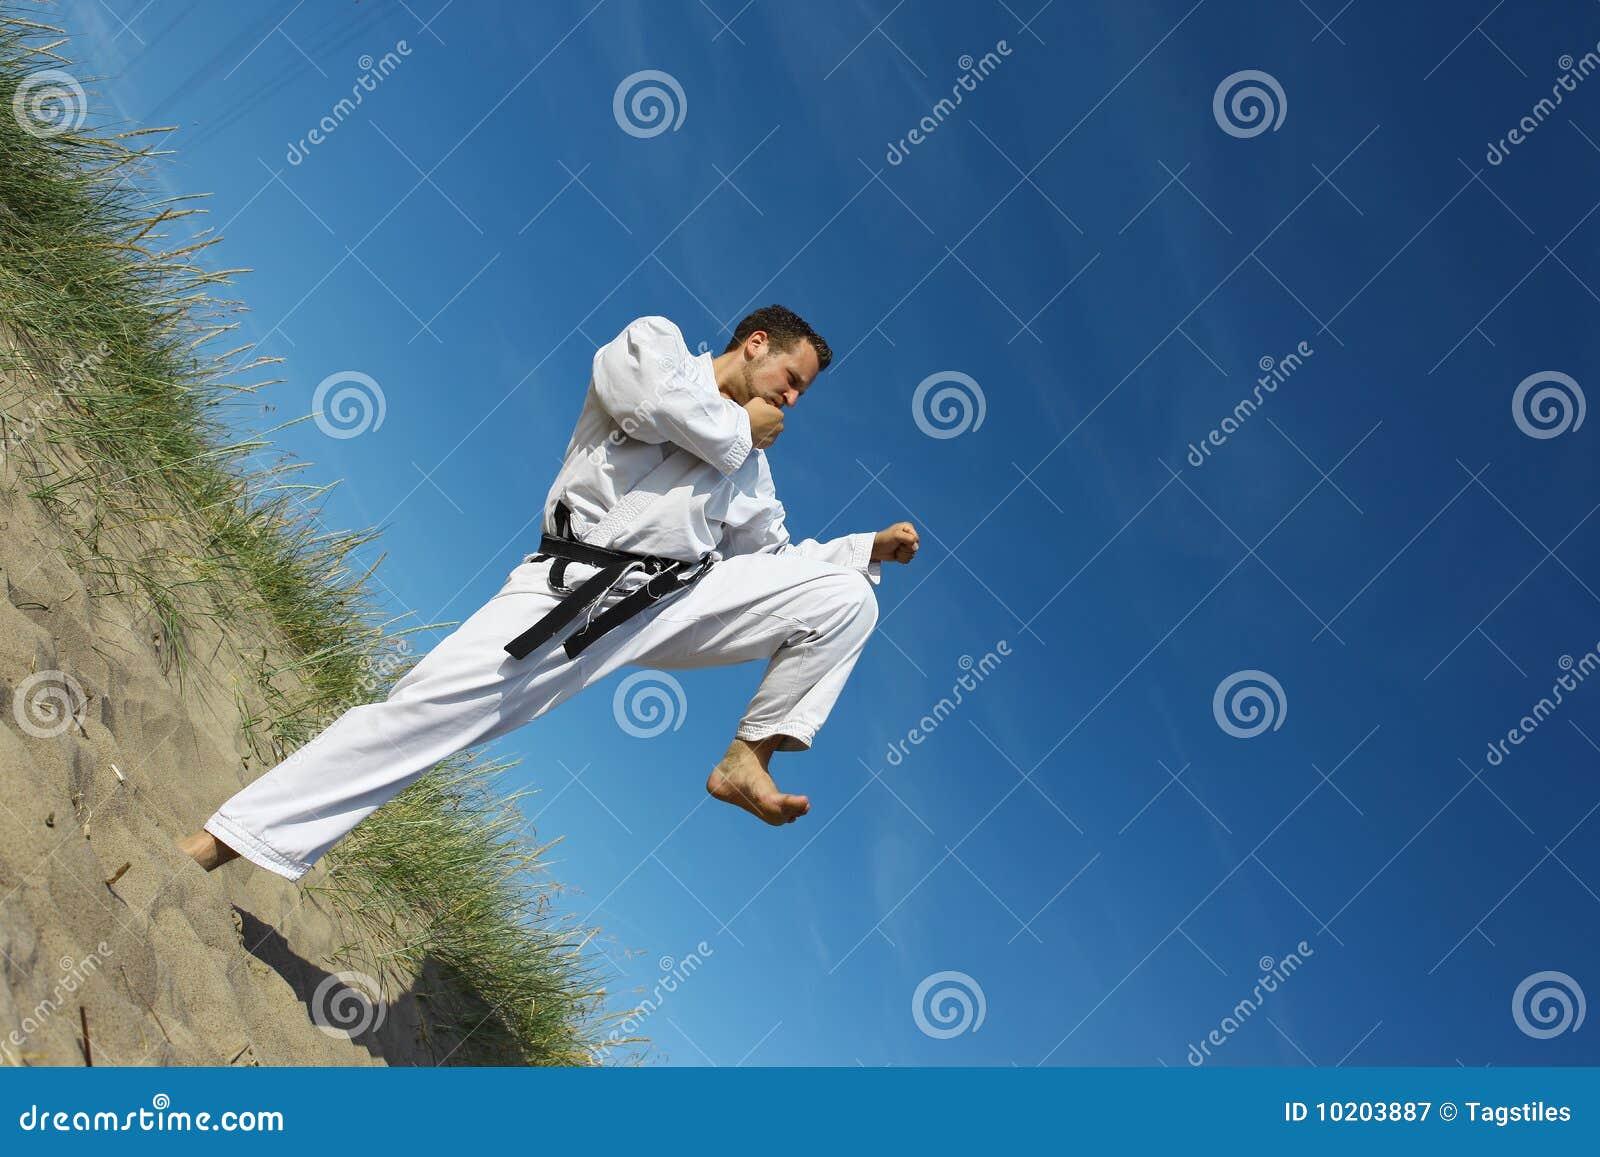 Download Kungfu stockbild. Bild von karate, ausbilder, künste - 10203887